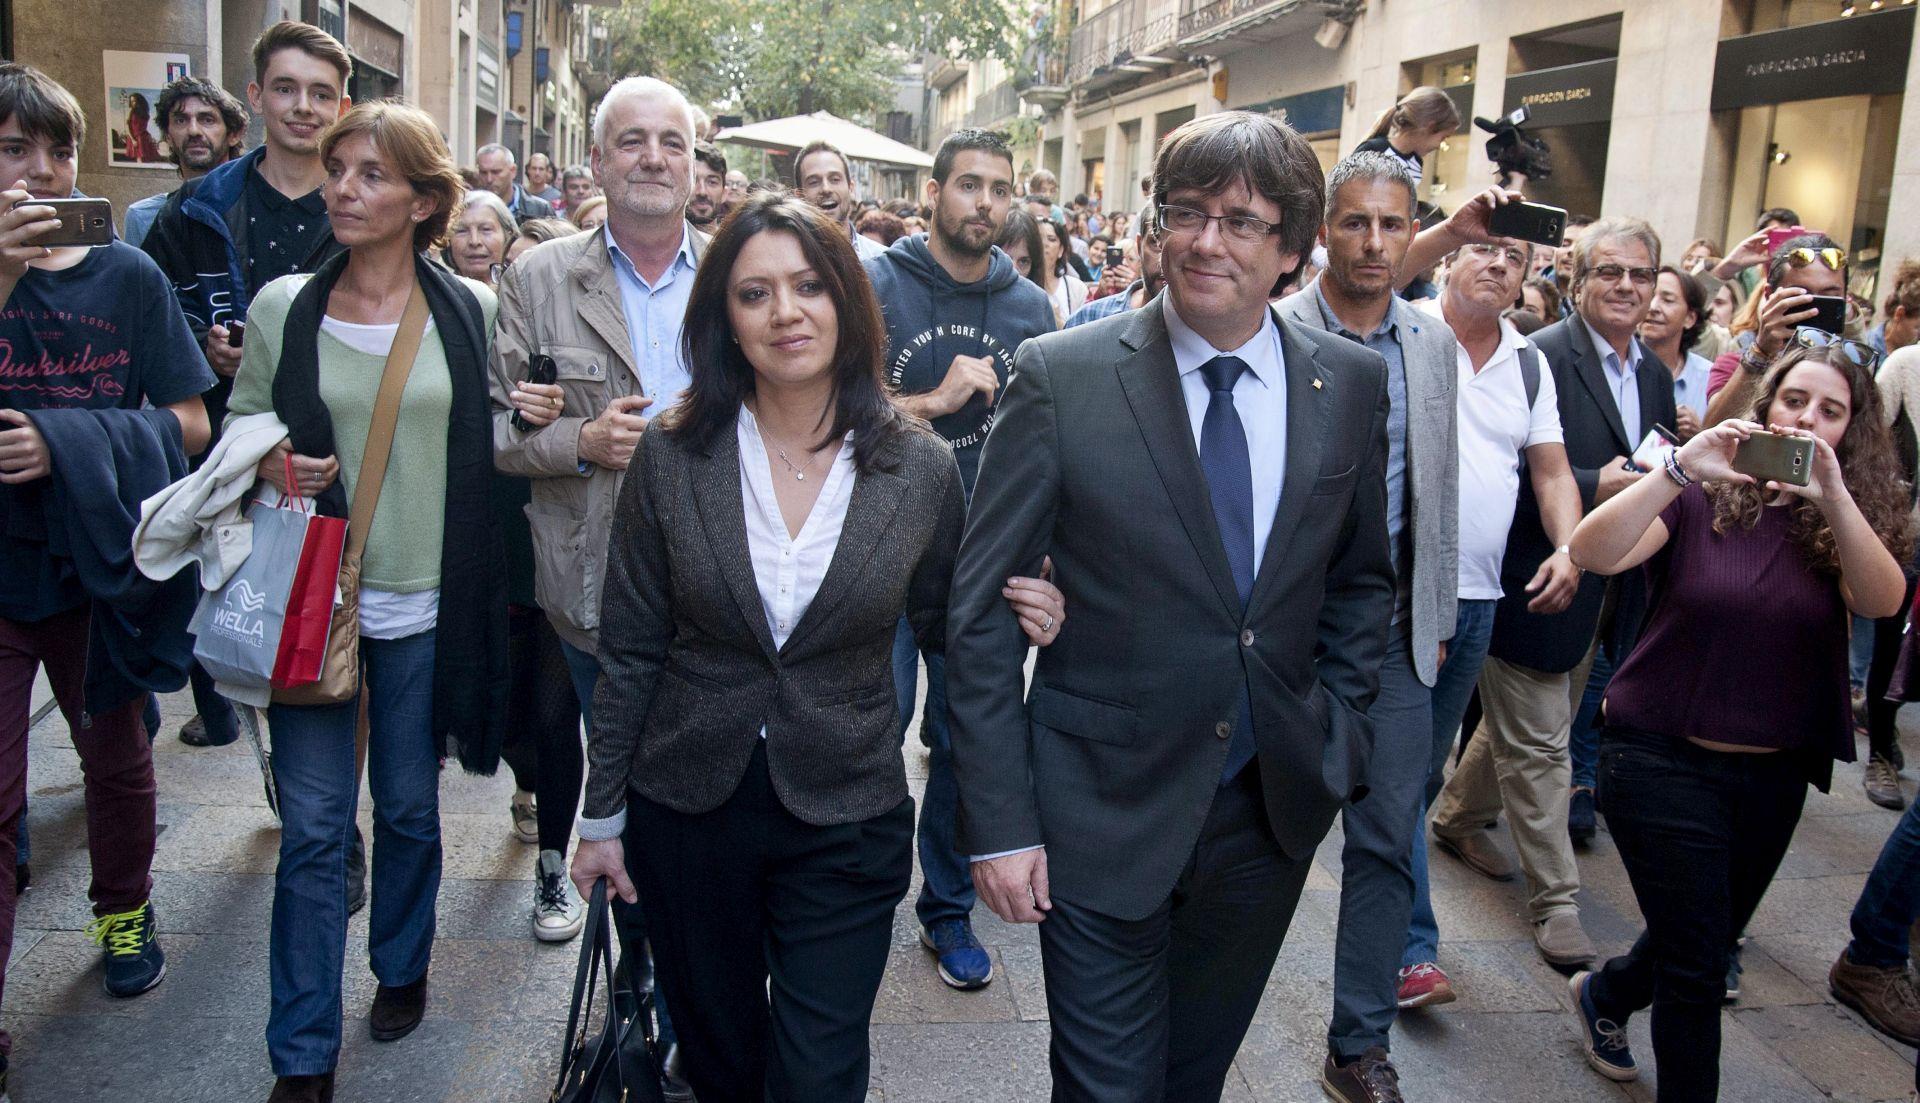 GLASNOGOVORNIK ŠPANJOLSKE VLADE 'Puigdemont može sudjelovati na izborima u prosincu'